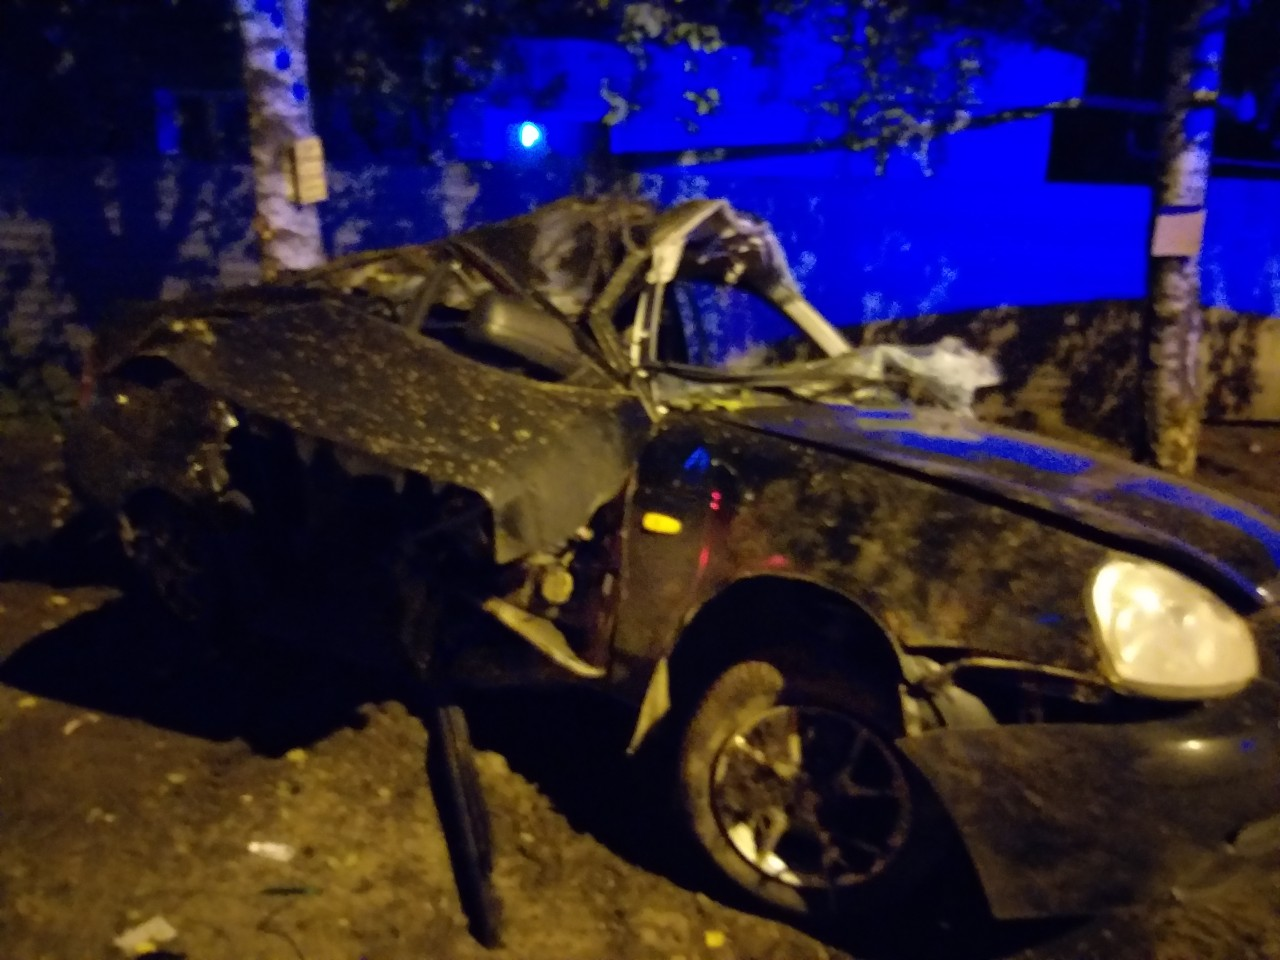 Ночью в Ярославле спасатели вырезали из искореженного автомобиля мужчину